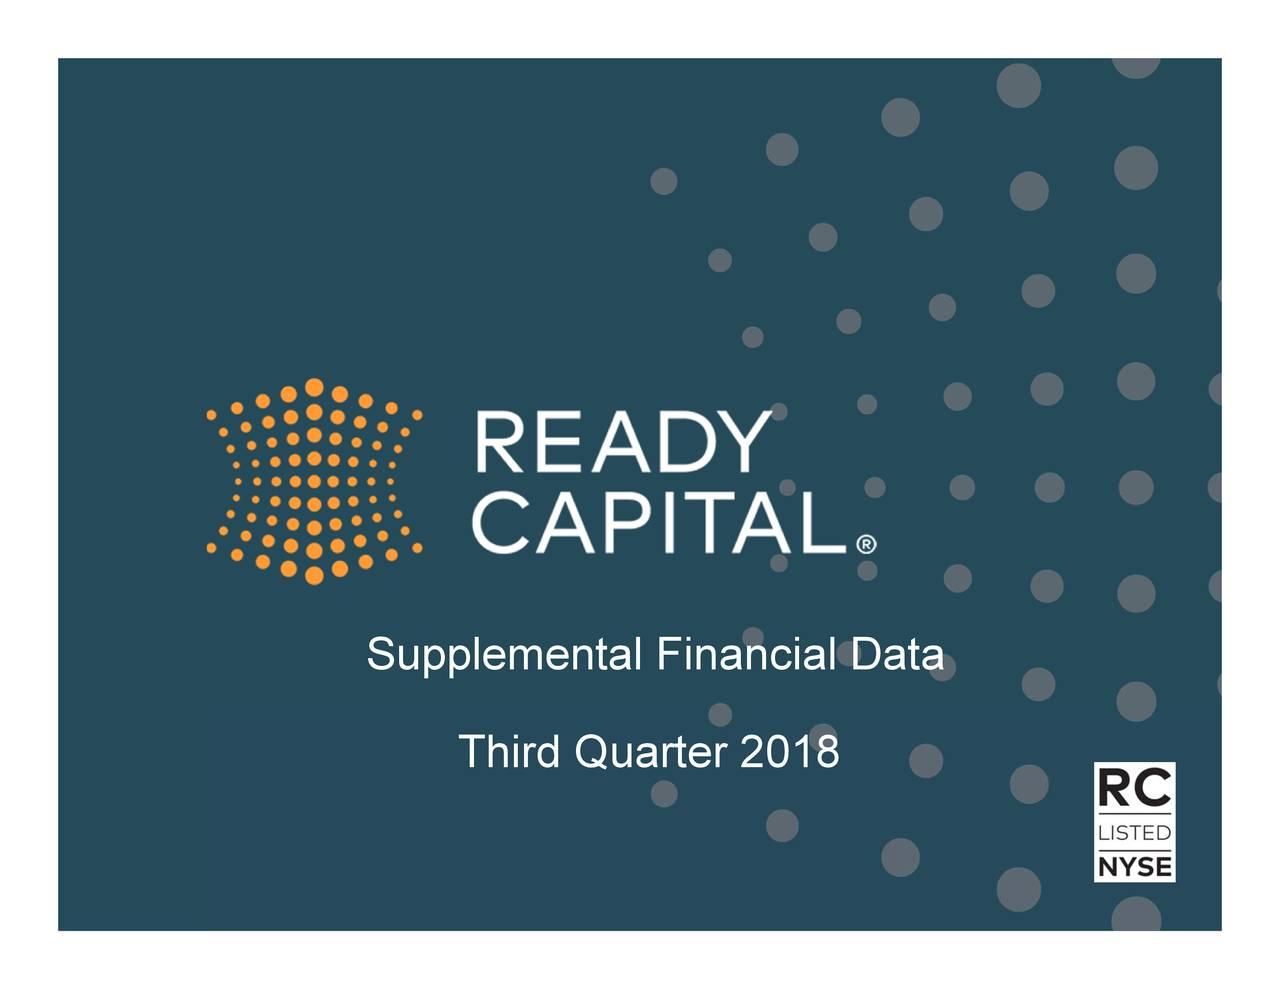 Supplemental Financial Data